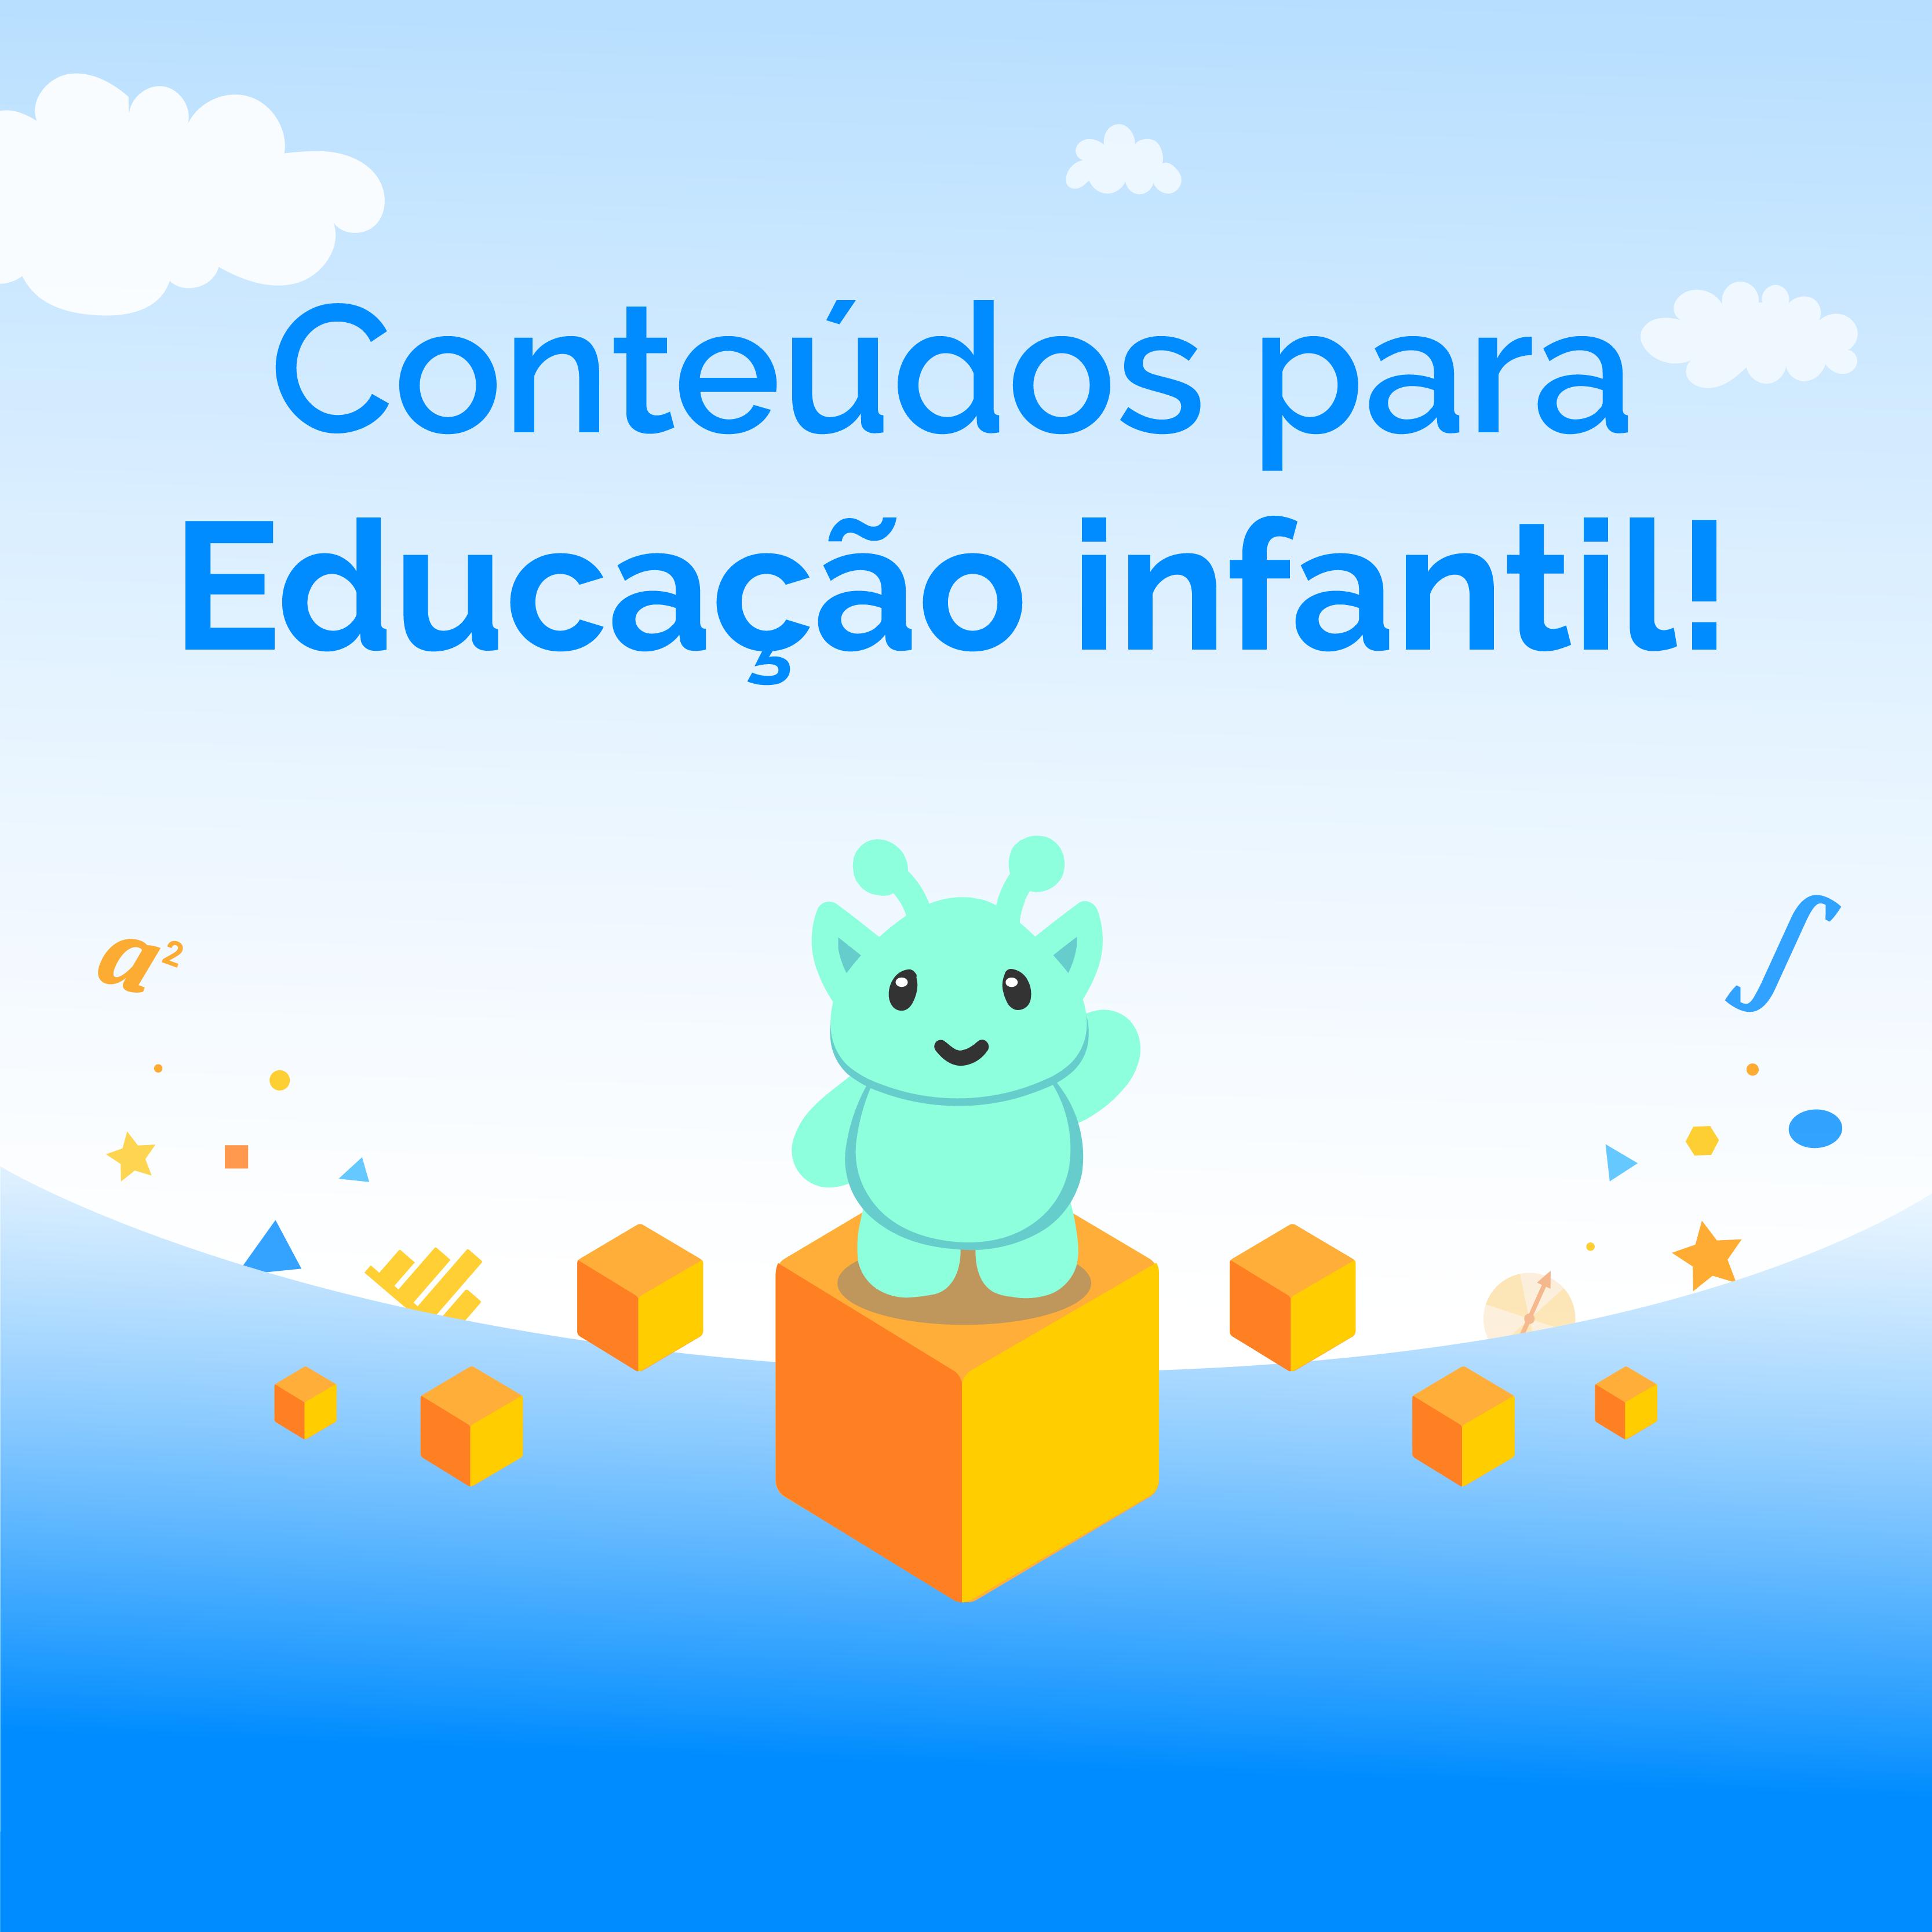 Cobertura curricular abrangente dos Anos Iniciais do Ensino Fundamental!